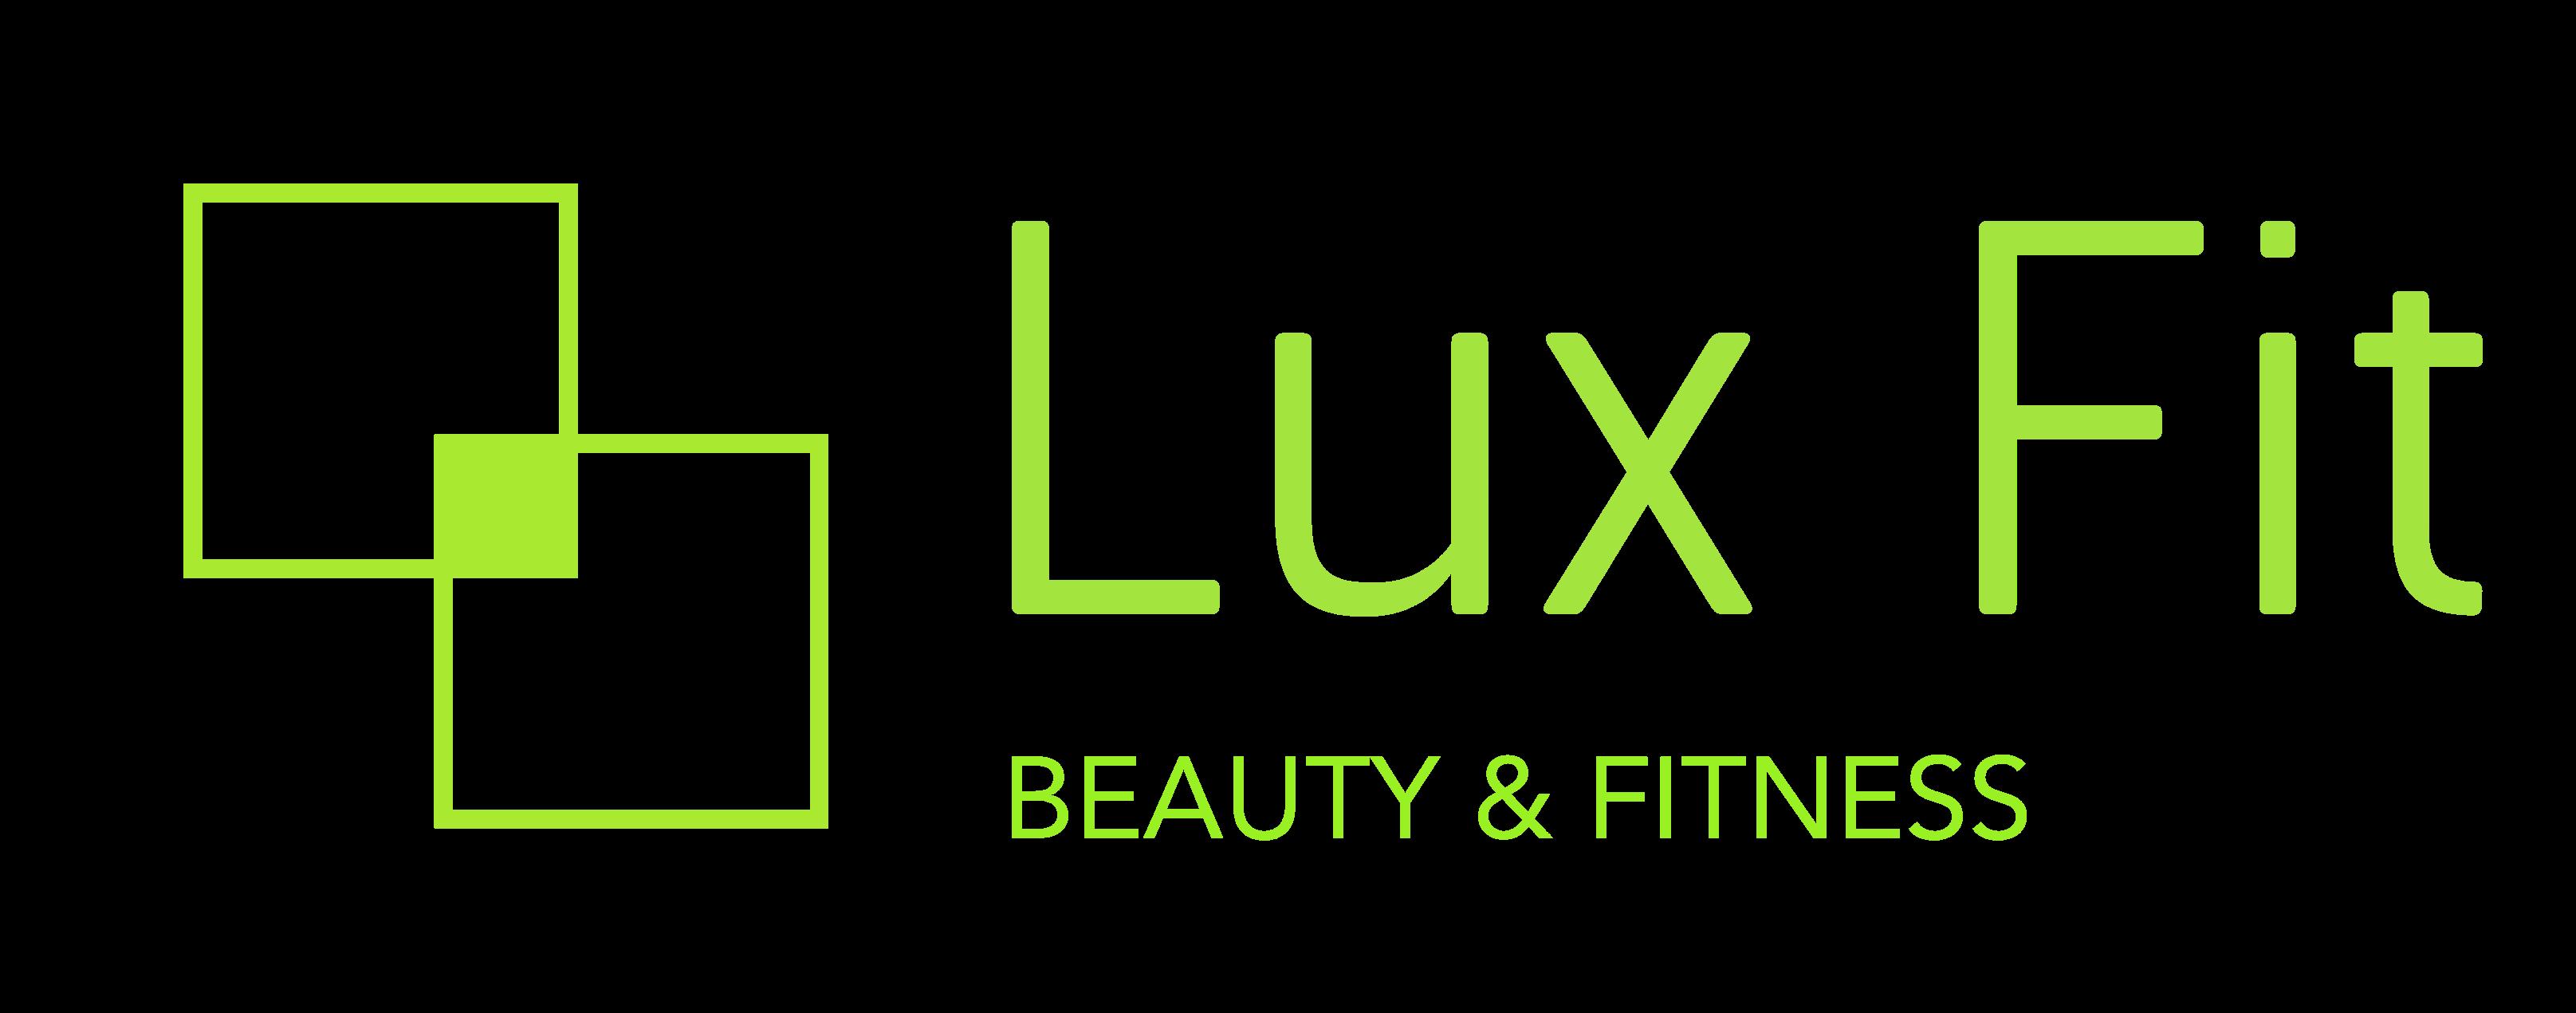 Lux Fit - tavo fitneso ir grožio studija